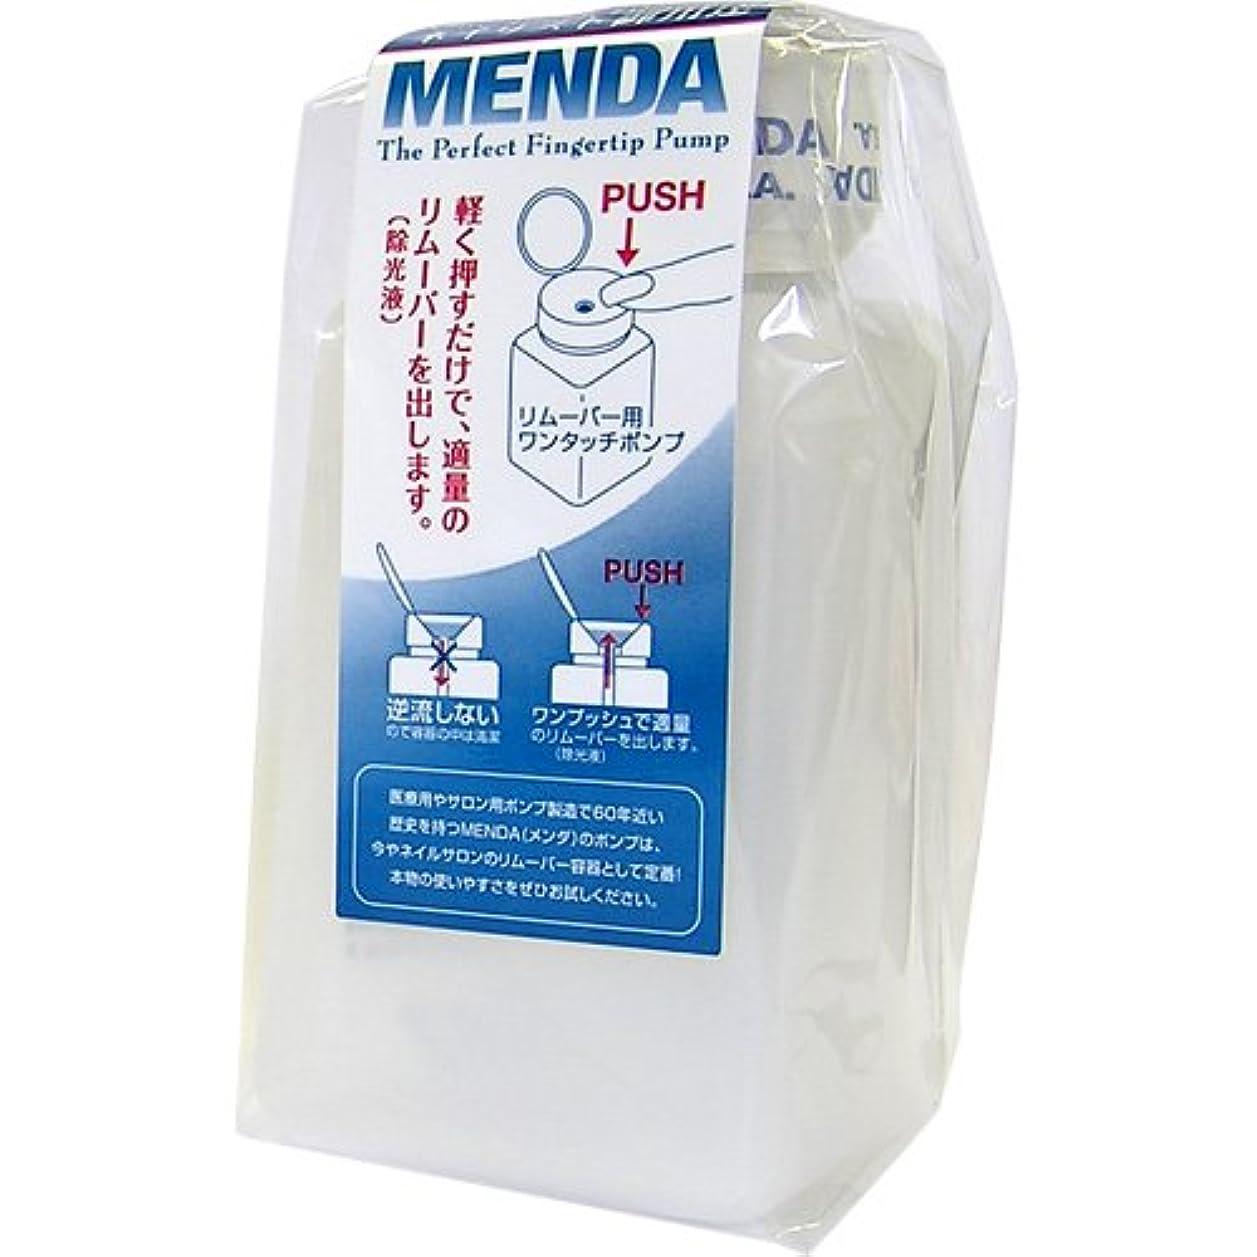 追い越す納得させる寛容なメンダ<MENDA>リムーバー用ワンタッチポンプ180ml(6oz)